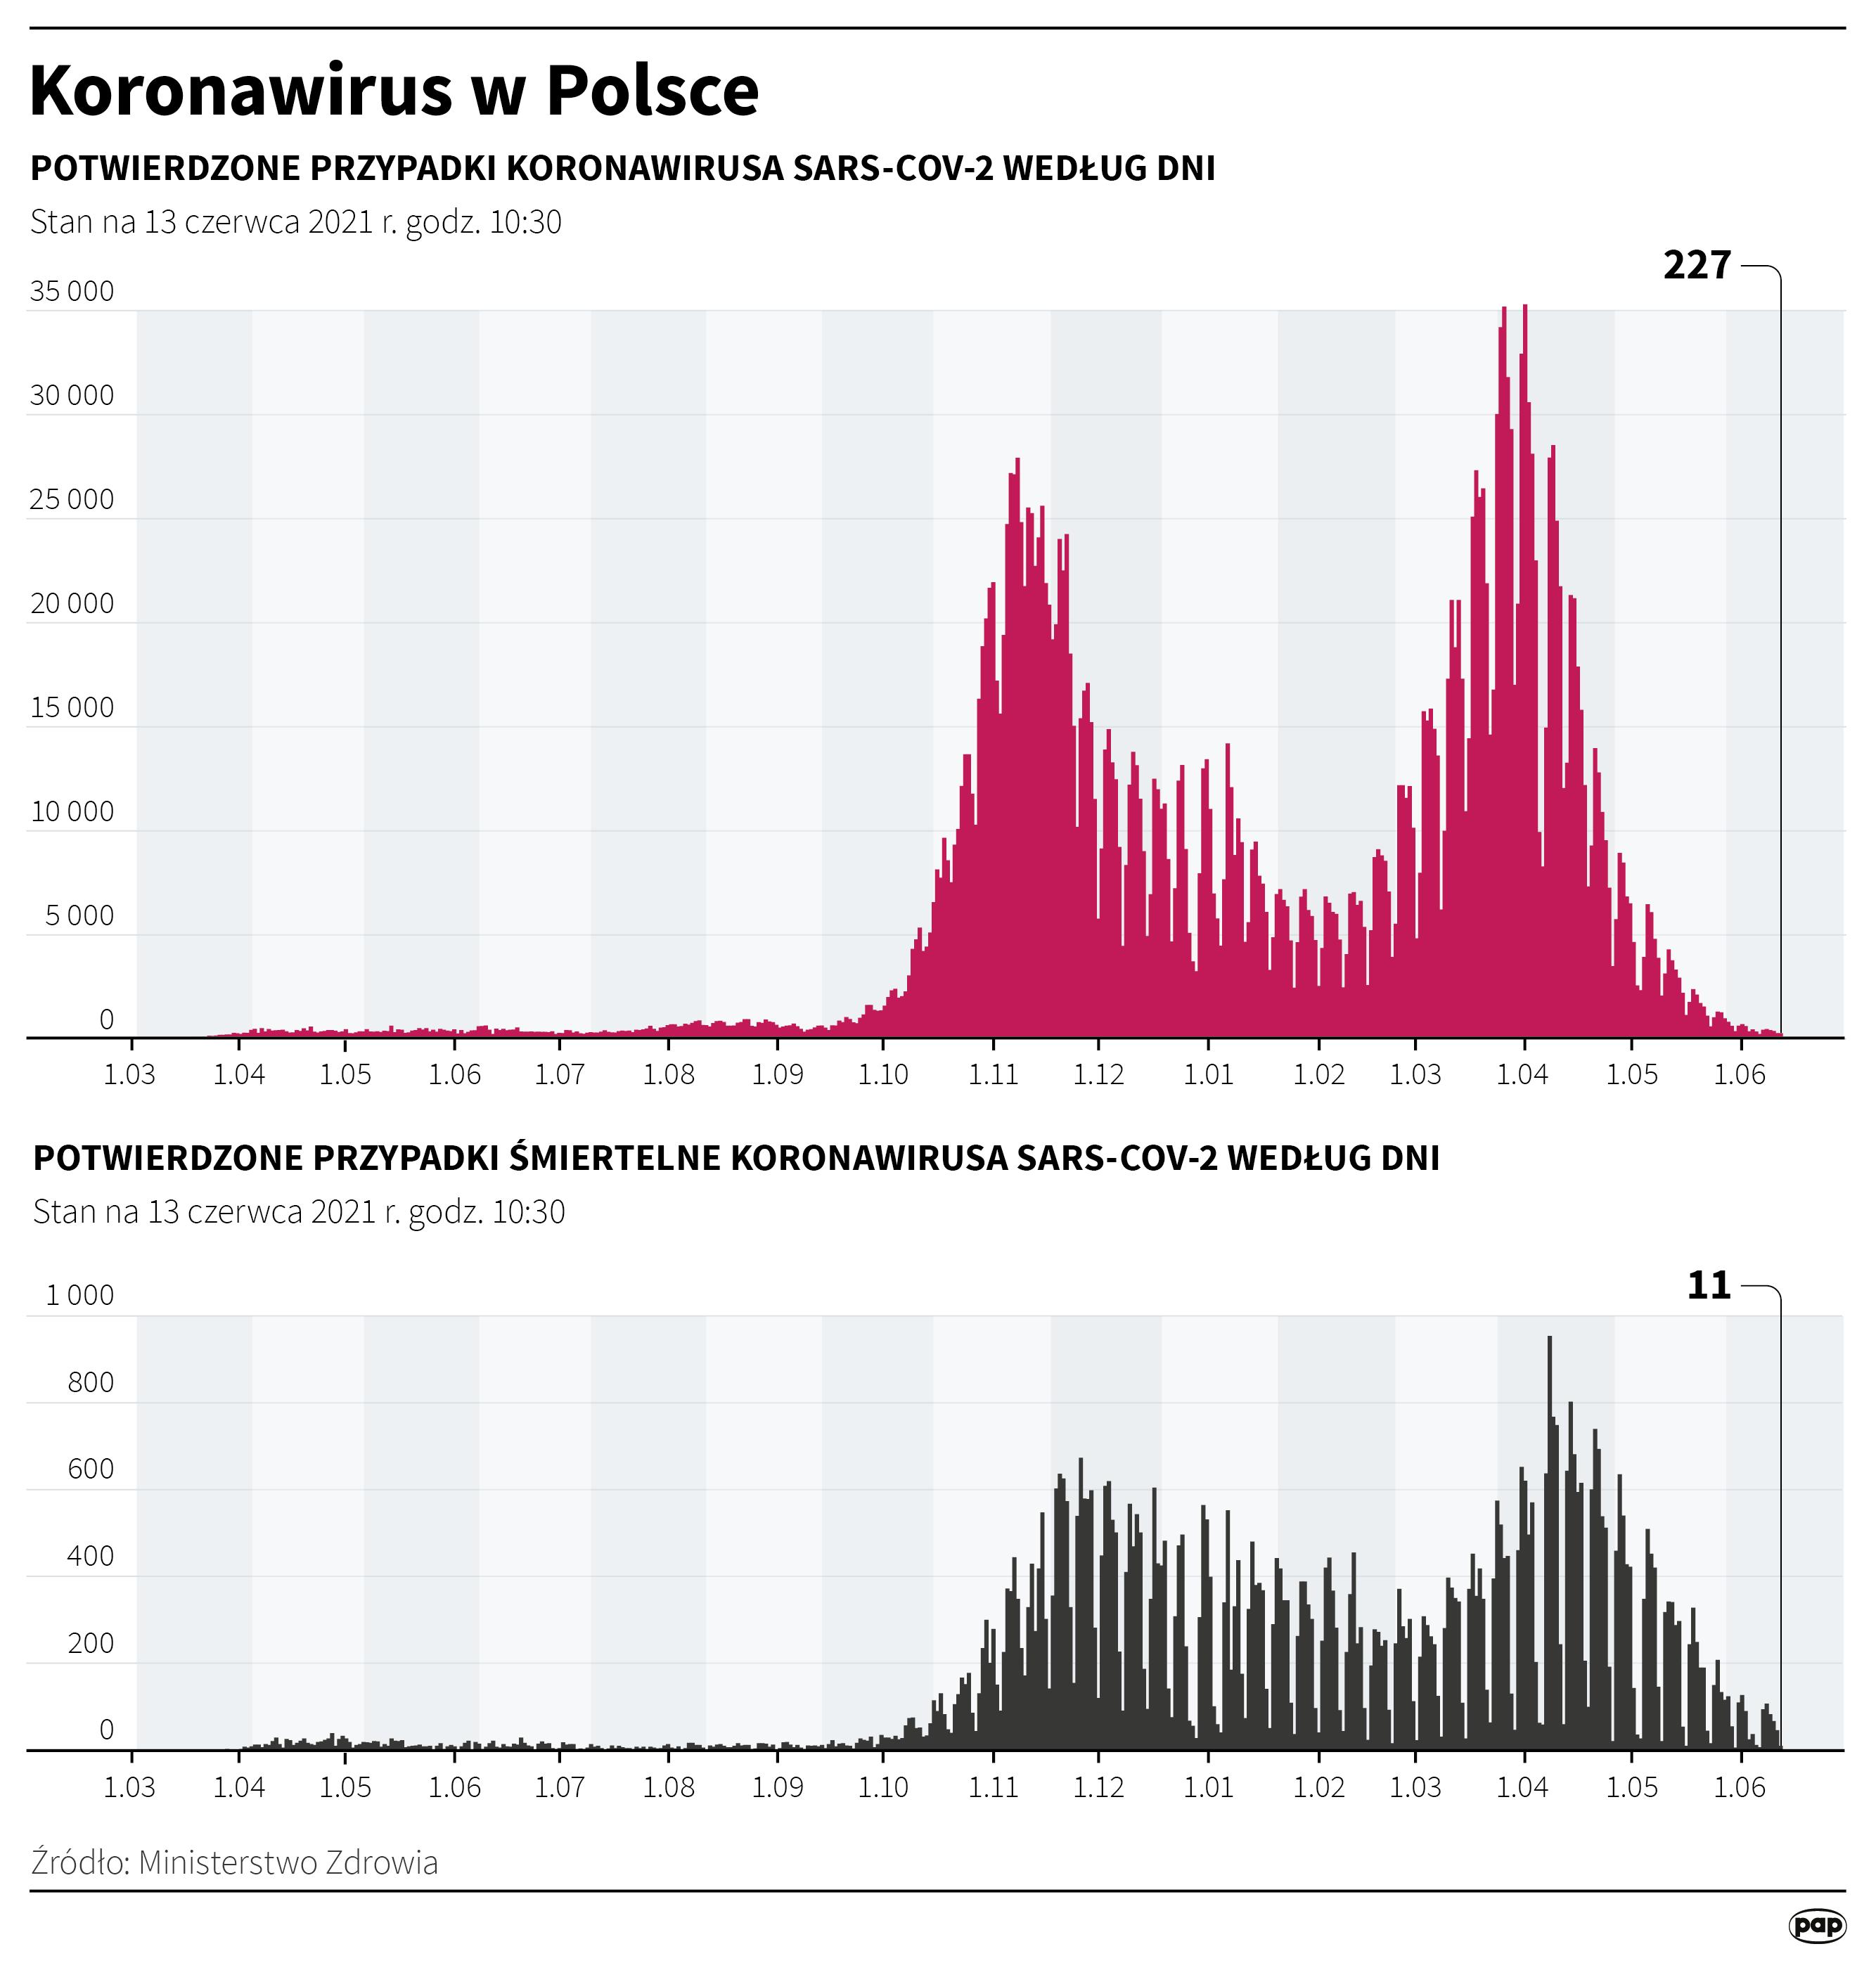 Koronawirus w Polsce - stan na 13 czerwca [Autor: Maciej Zieliński, źródło: PAP]